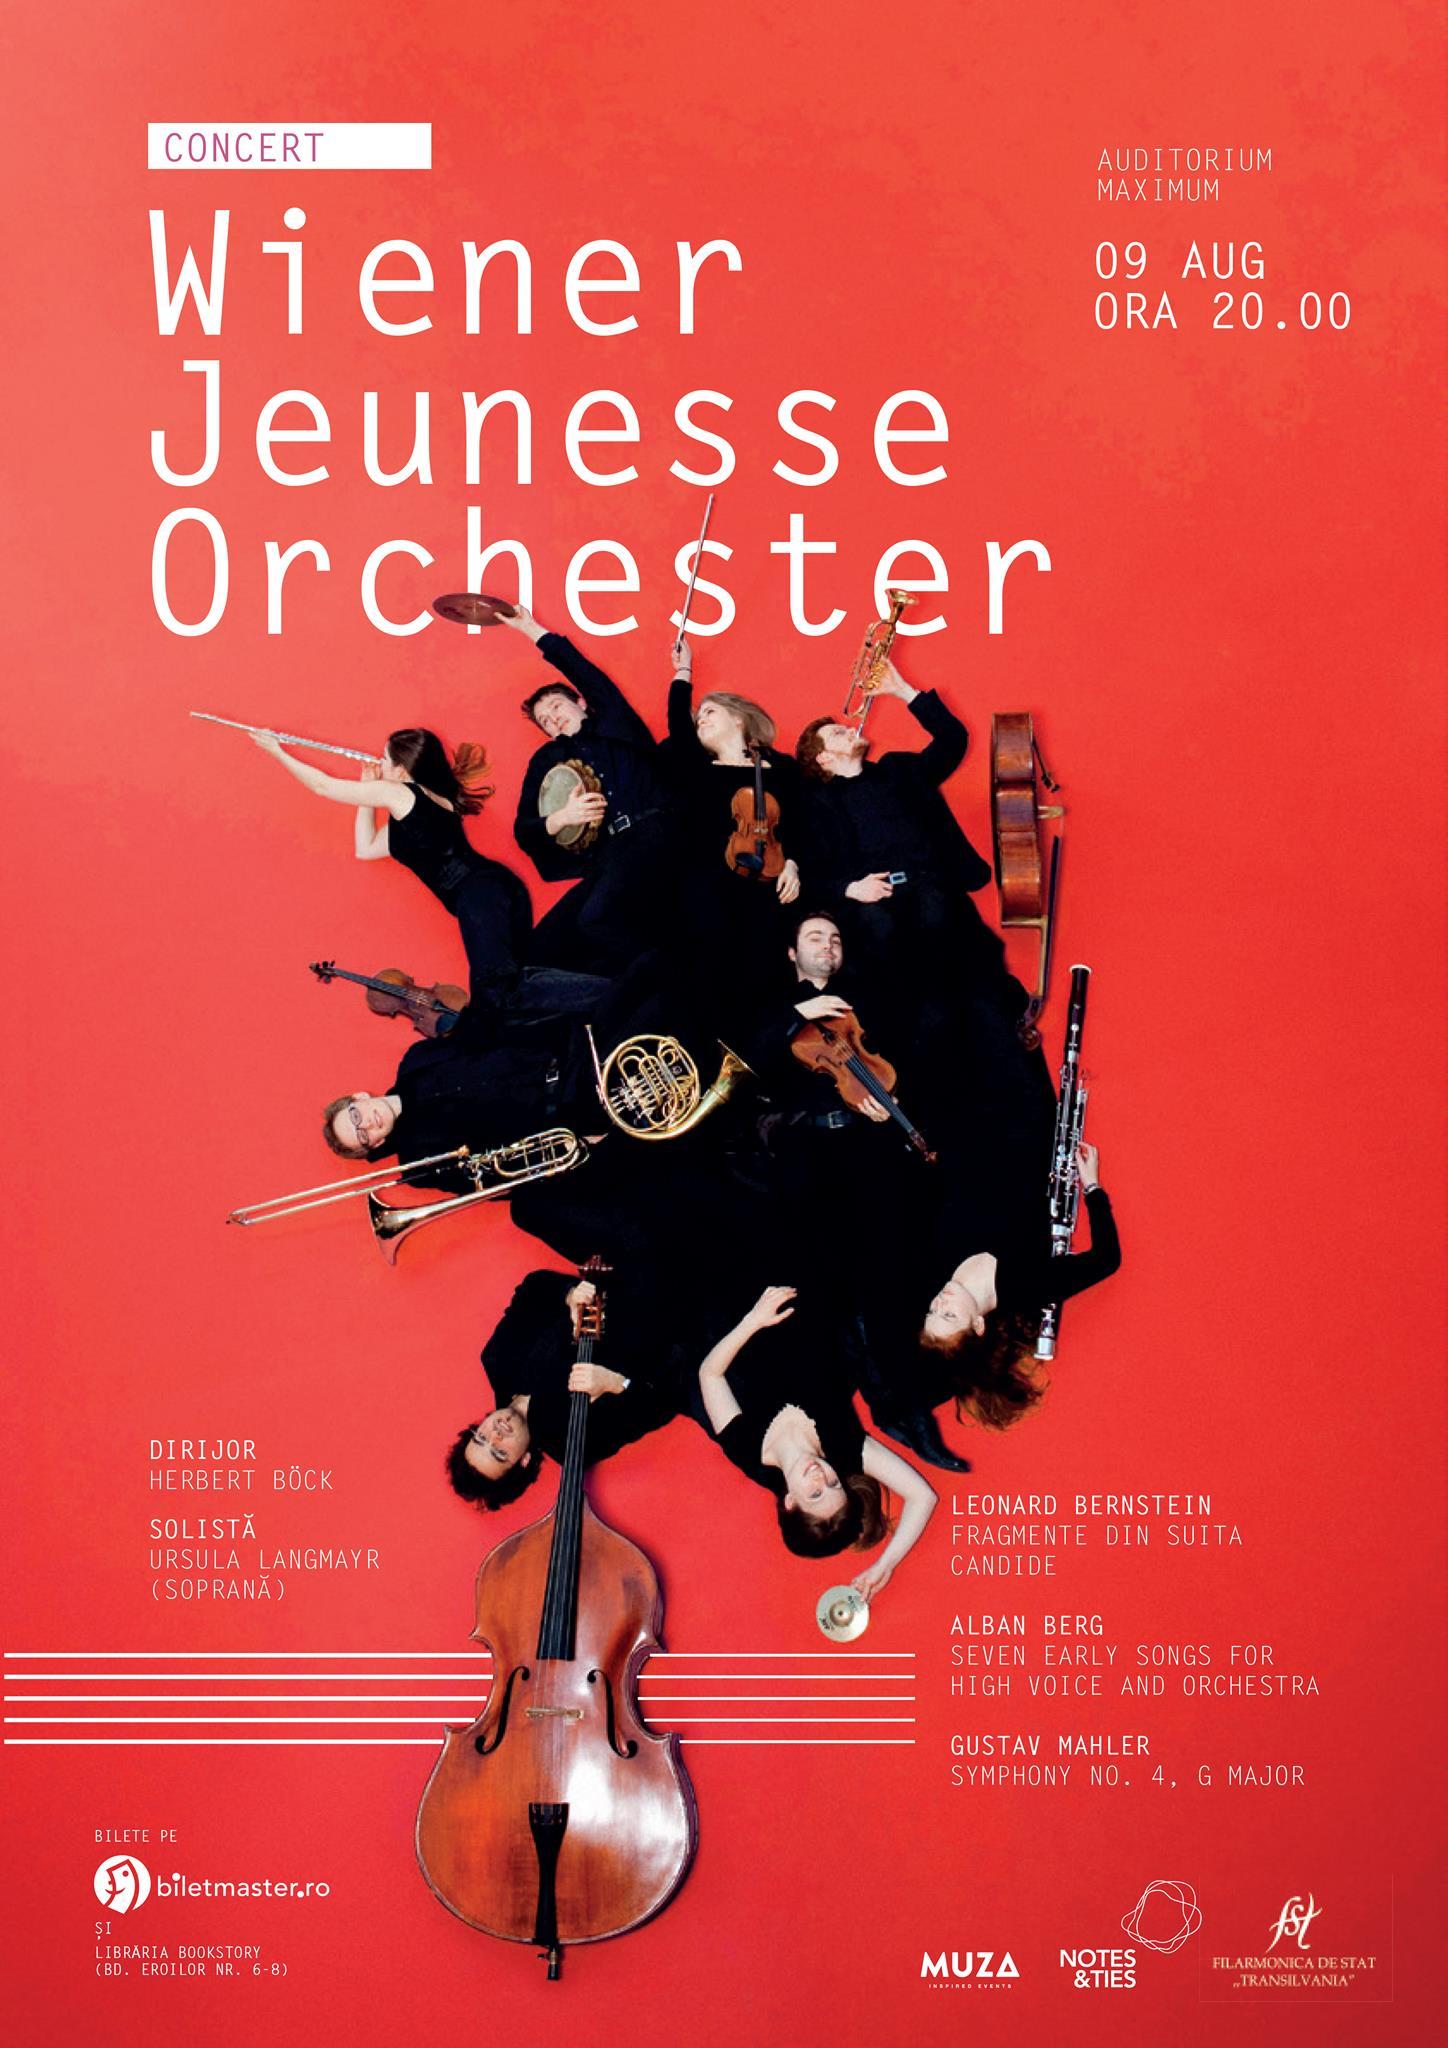 Wiener Jeunesse Orchester @ Auditorium Maximum